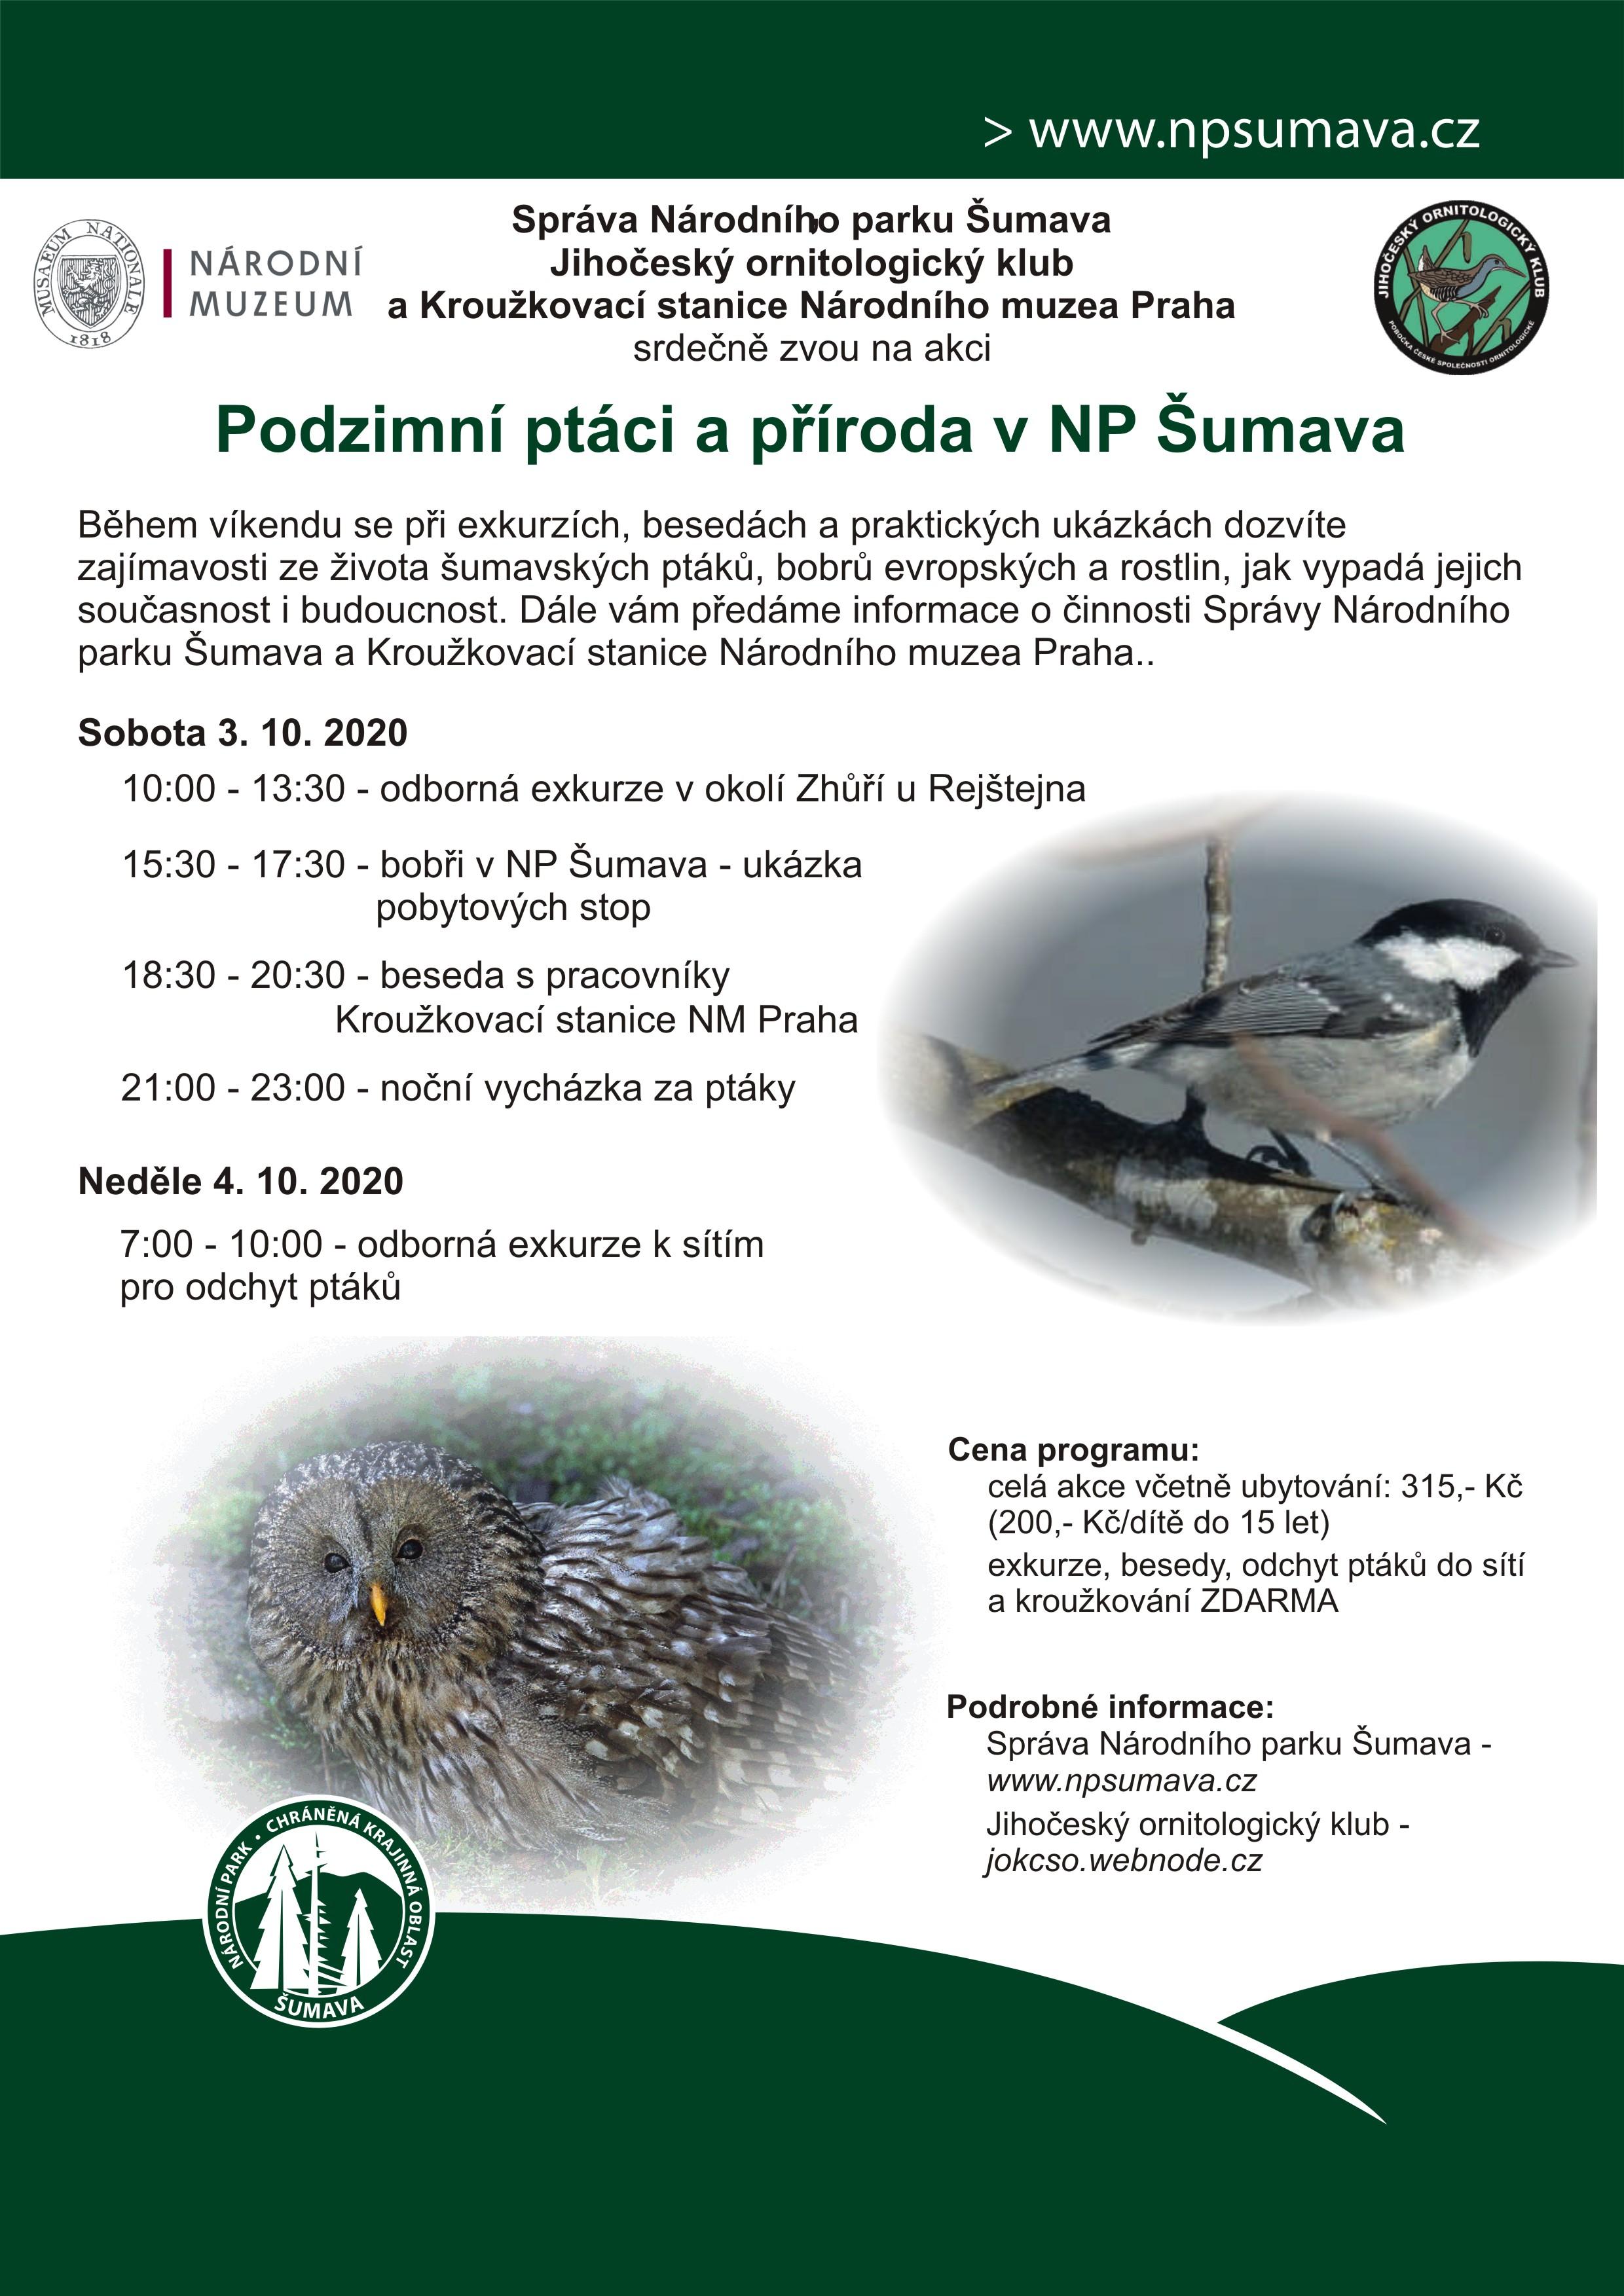 Podzimní ptáci a příroda v NP Šumava